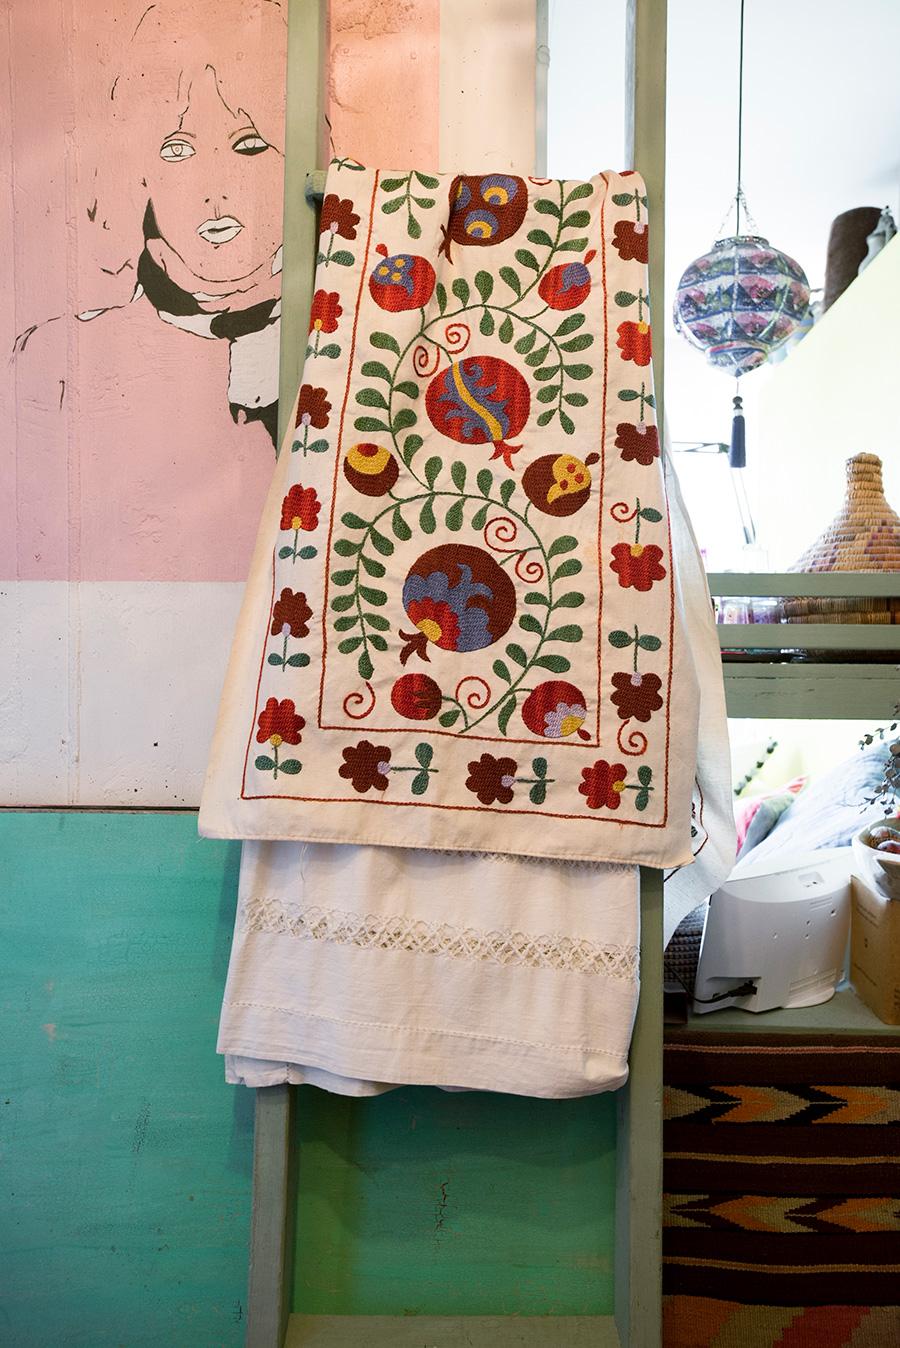 ウズベキスタンの一般家庭で、母から娘に伝承される刺繍を施した布。梁には夫が描いたというペイントが。